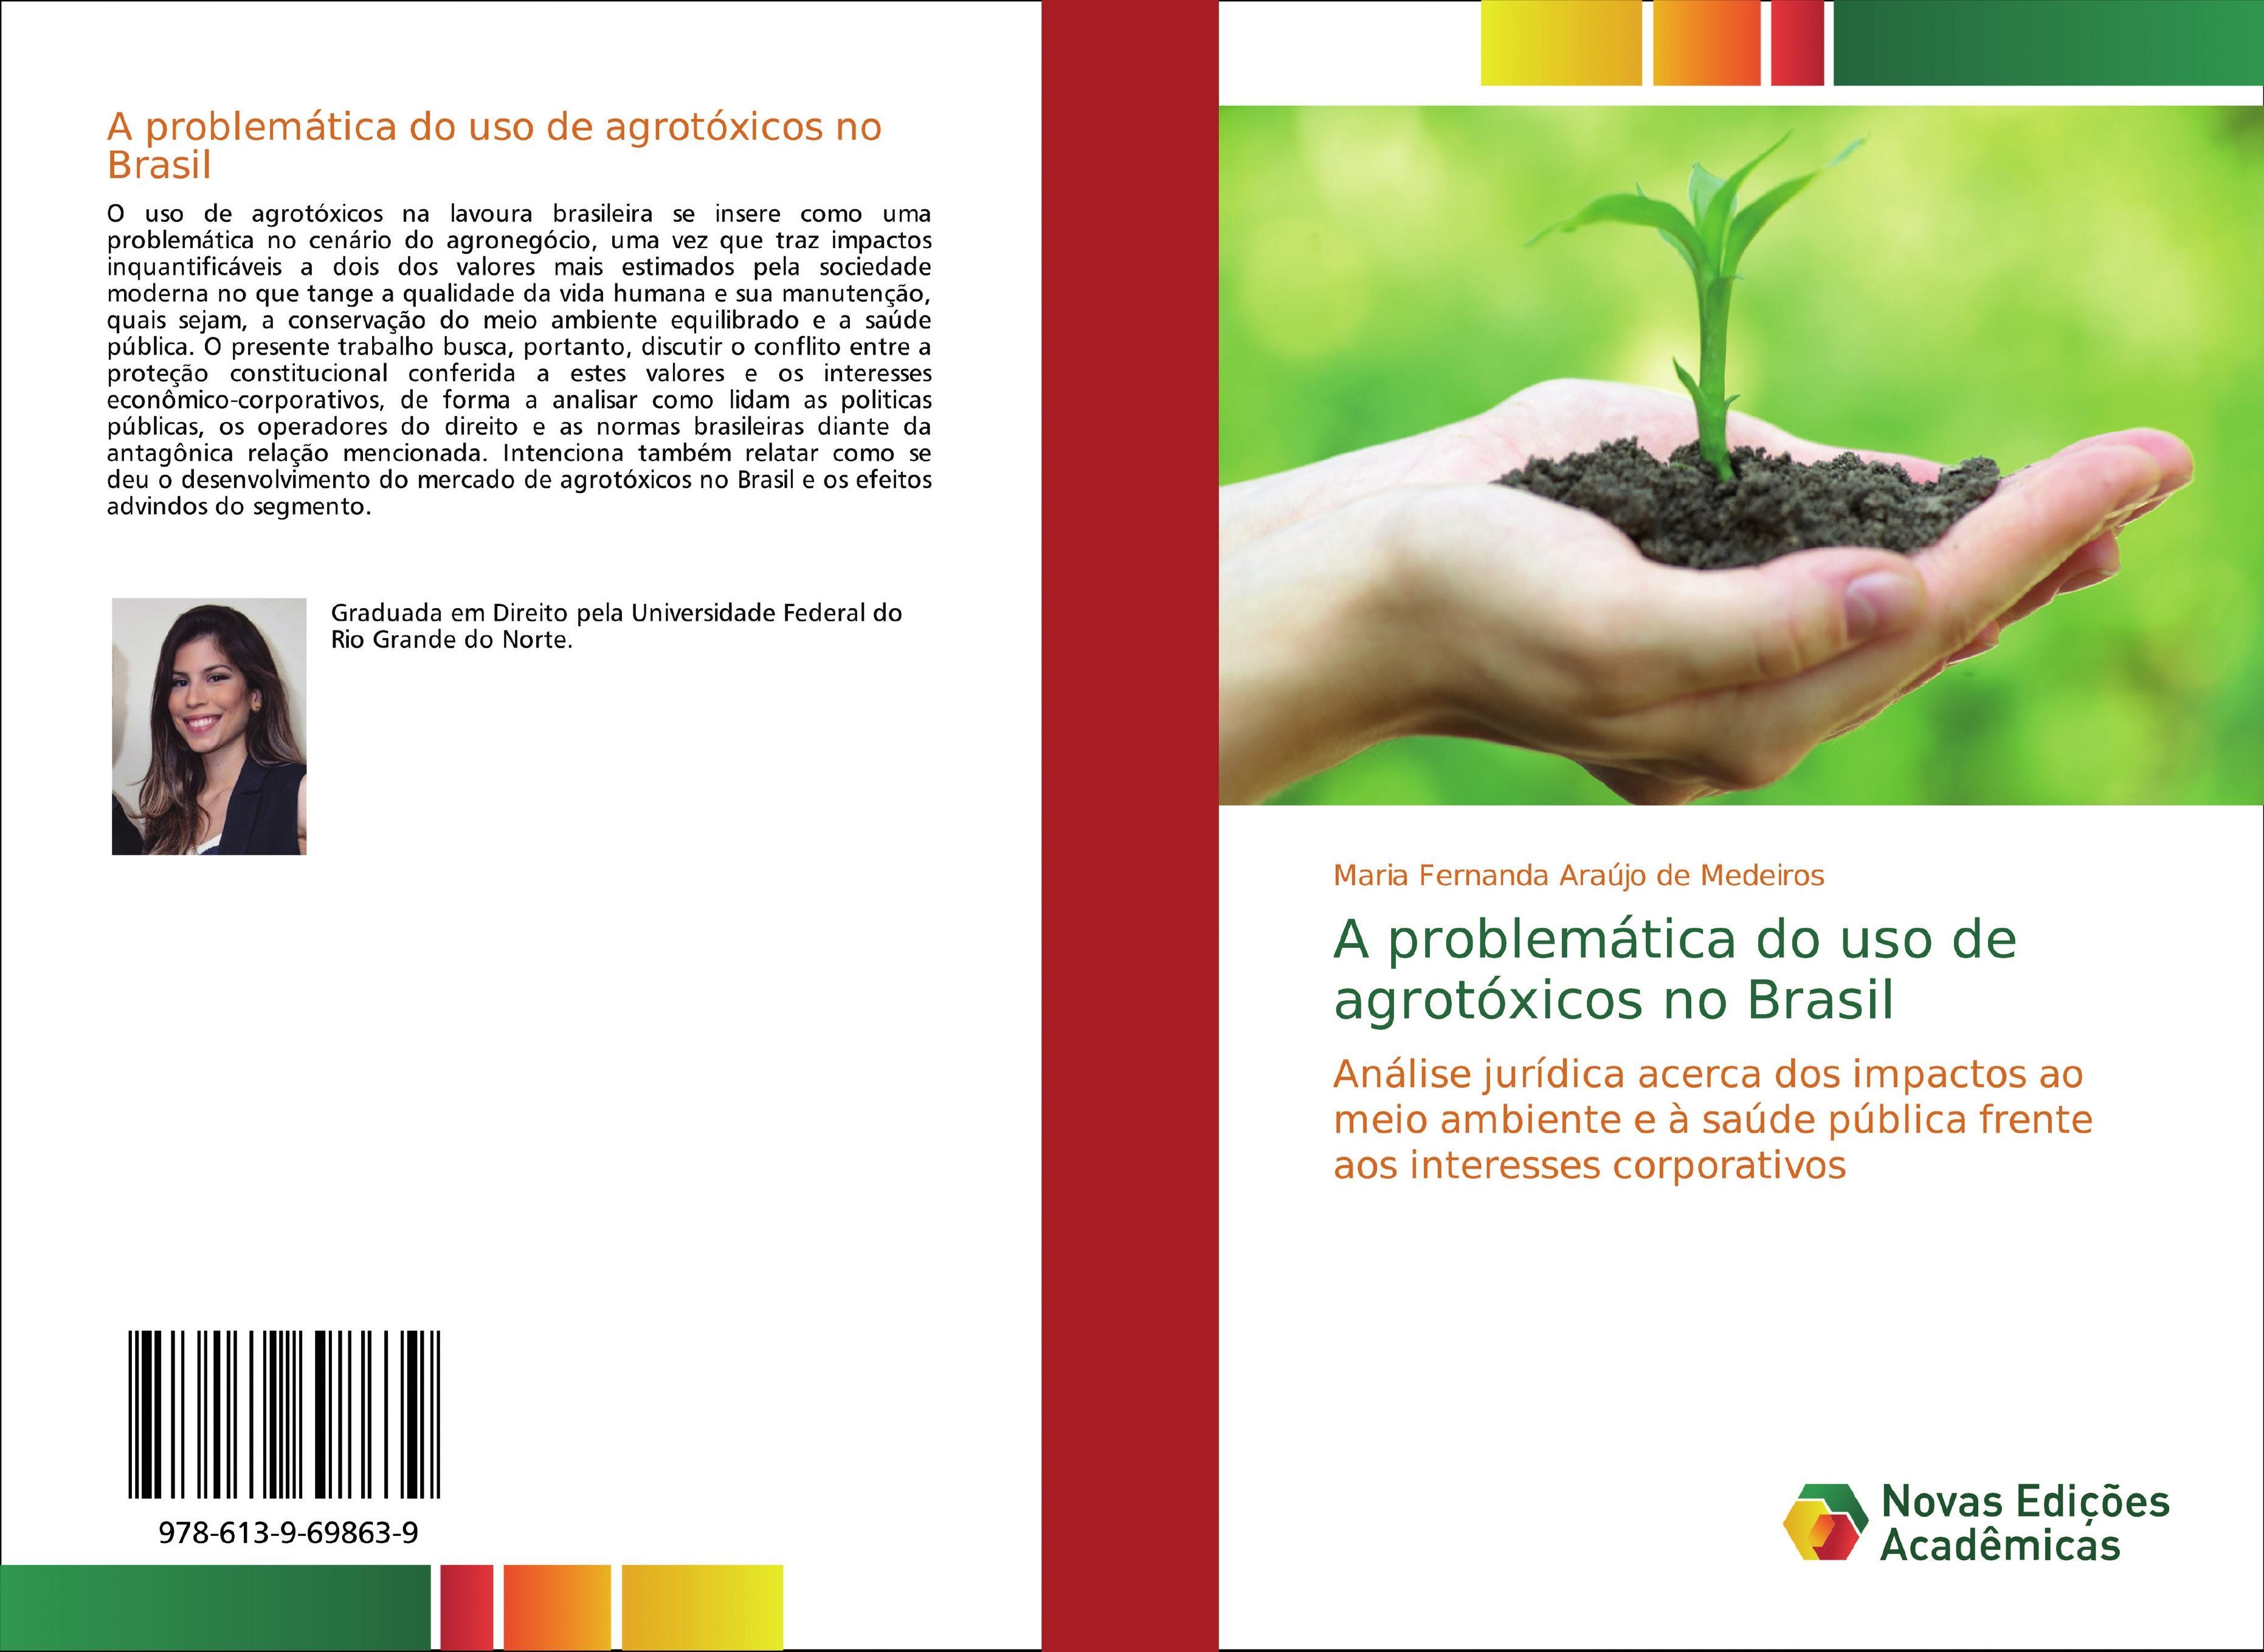 A problemática do uso de agrotóxicos no Brasil  Maria Fernanda Araújo de Medeiros  Taschenbuch  Portugiesisch  2018 - Araújo de Medeiros, Maria Fernanda